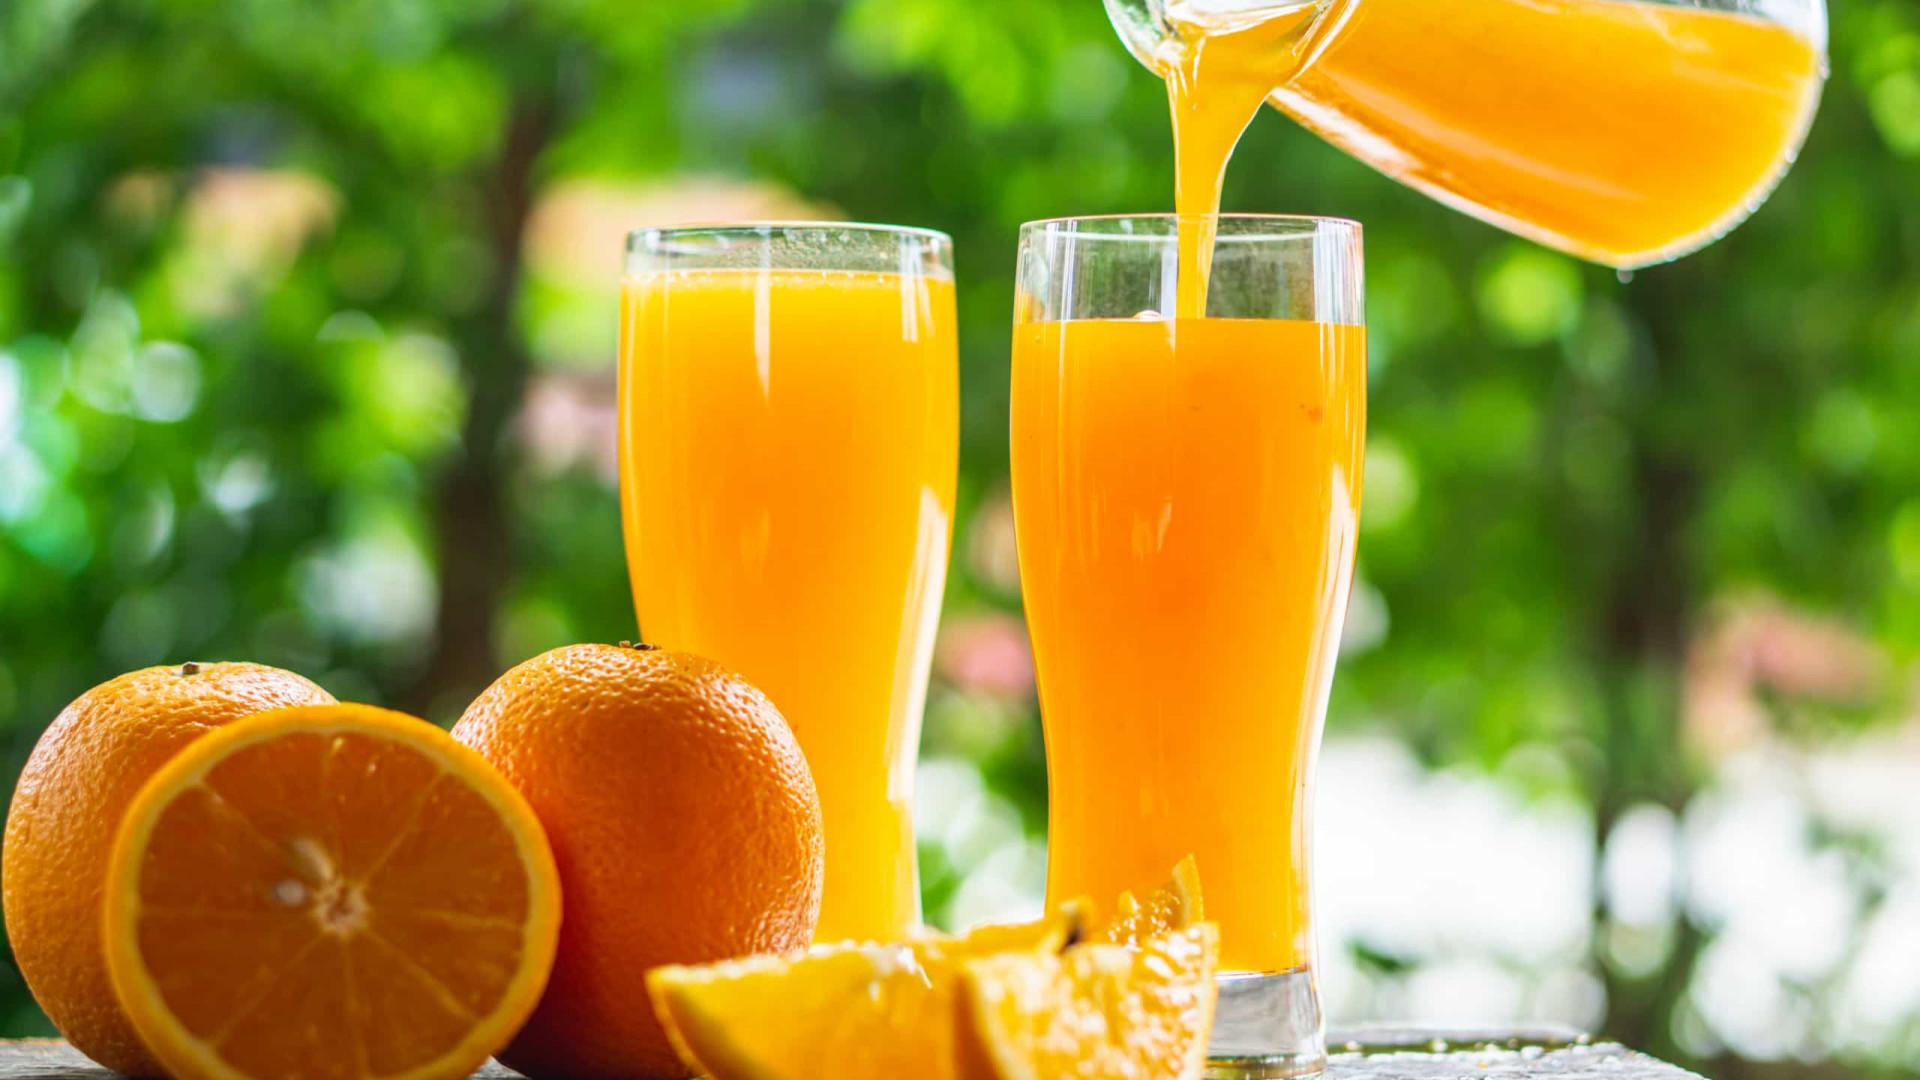 Saudável ou nem por isso? Os prós e os contras de beber suco de laranja